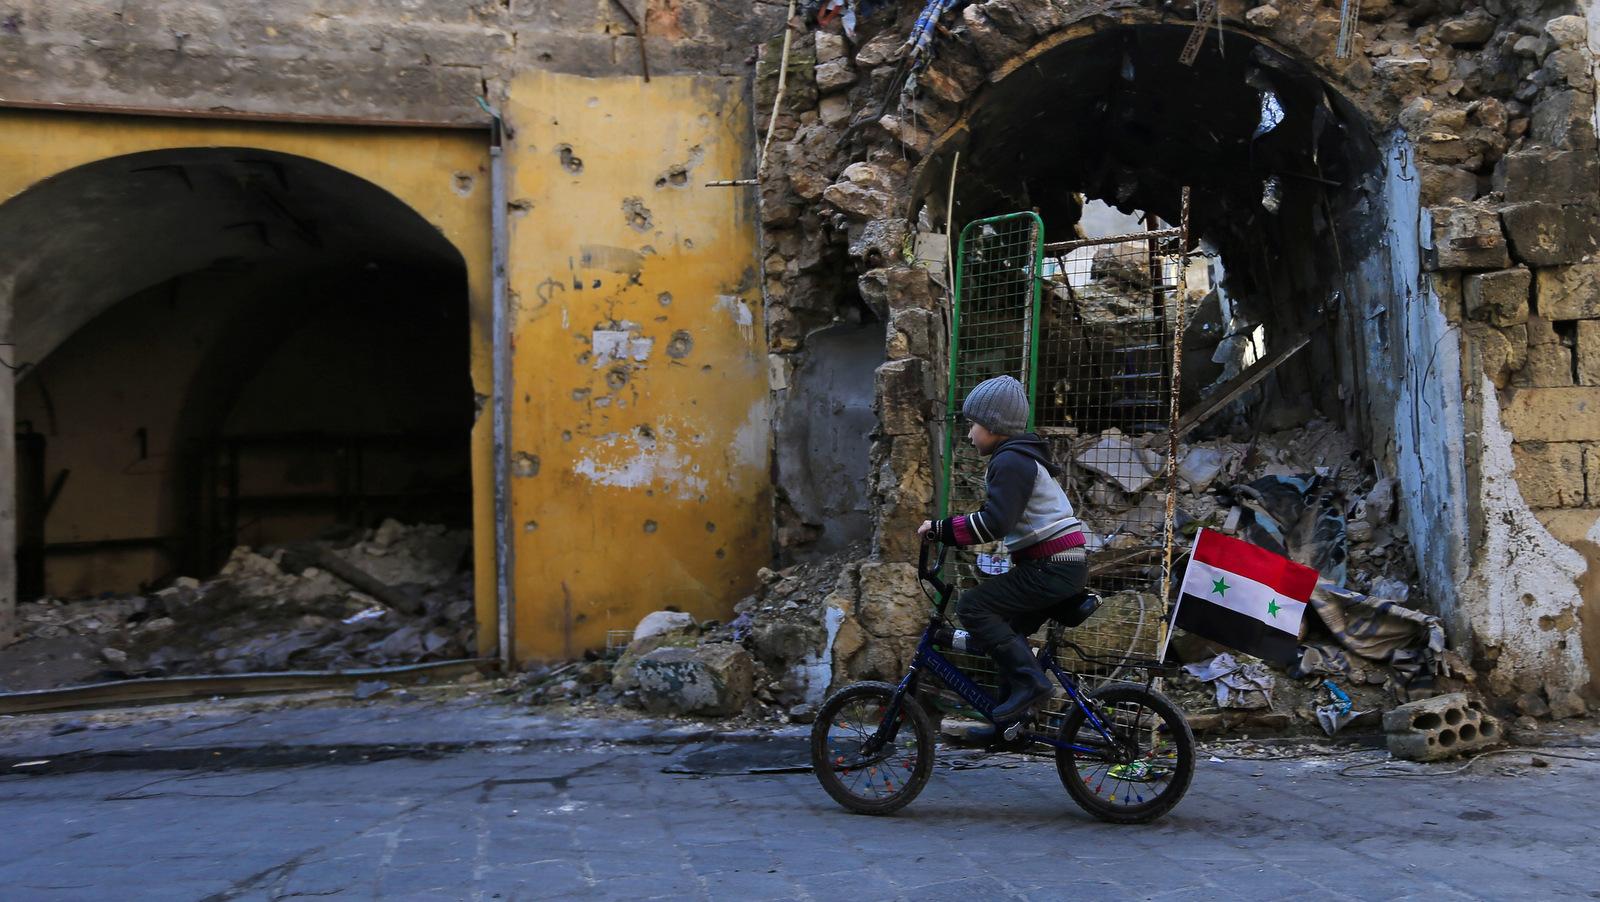 Ein junger Junge reitet sein Fahrrad durch die Zerstörung der einst Jalloum Nachbarschaft im östlichen Aleppo, Syrien, nachdem es von syrischen Rebellen befreit worden war, 20. Januar 2017. (AP / Hassan Ammar)